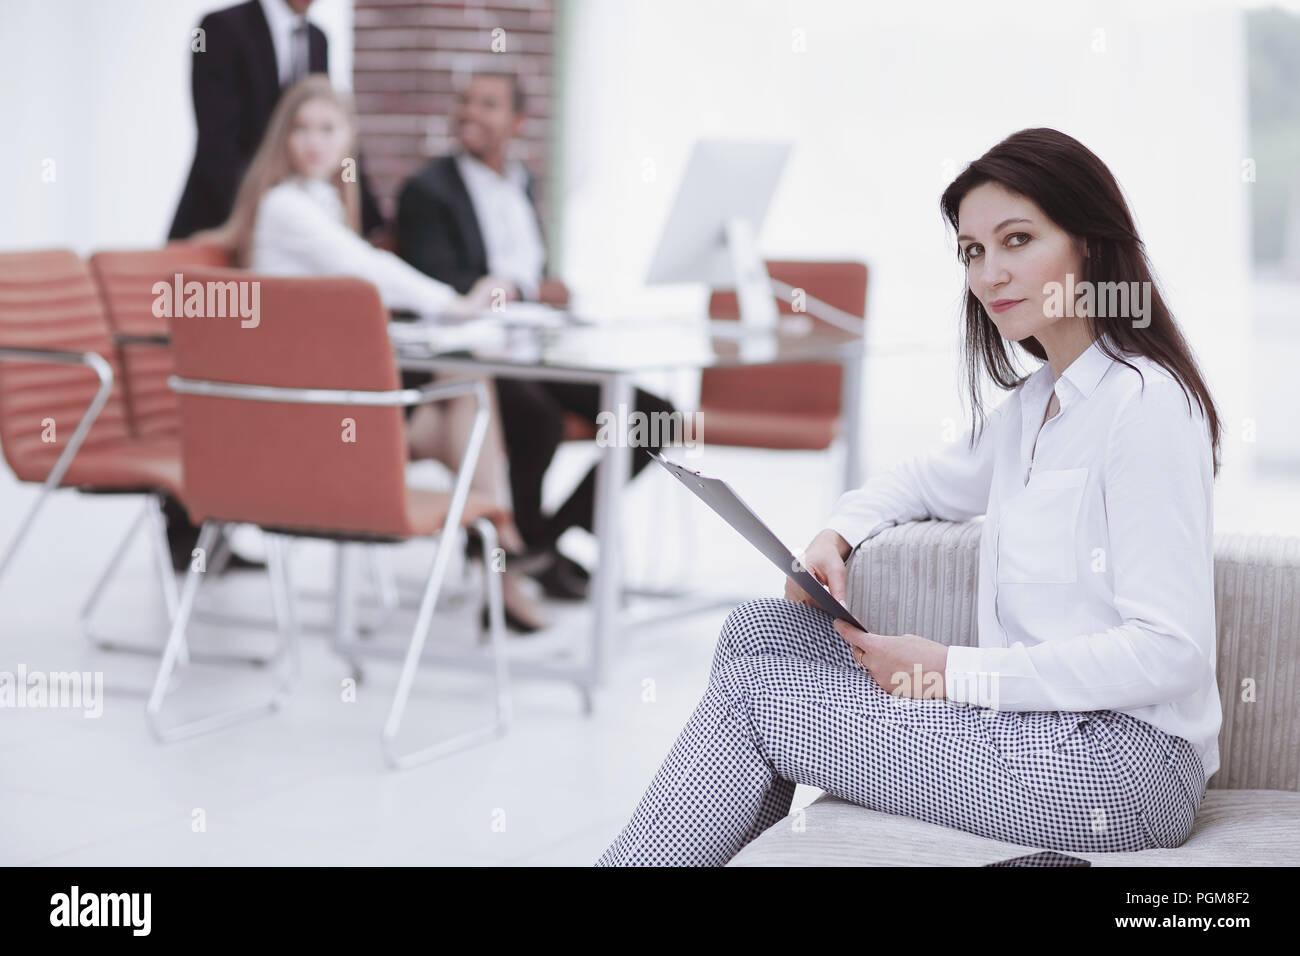 Executive business donna con documenti sullo sfondo dell'ufficio Immagini Stock